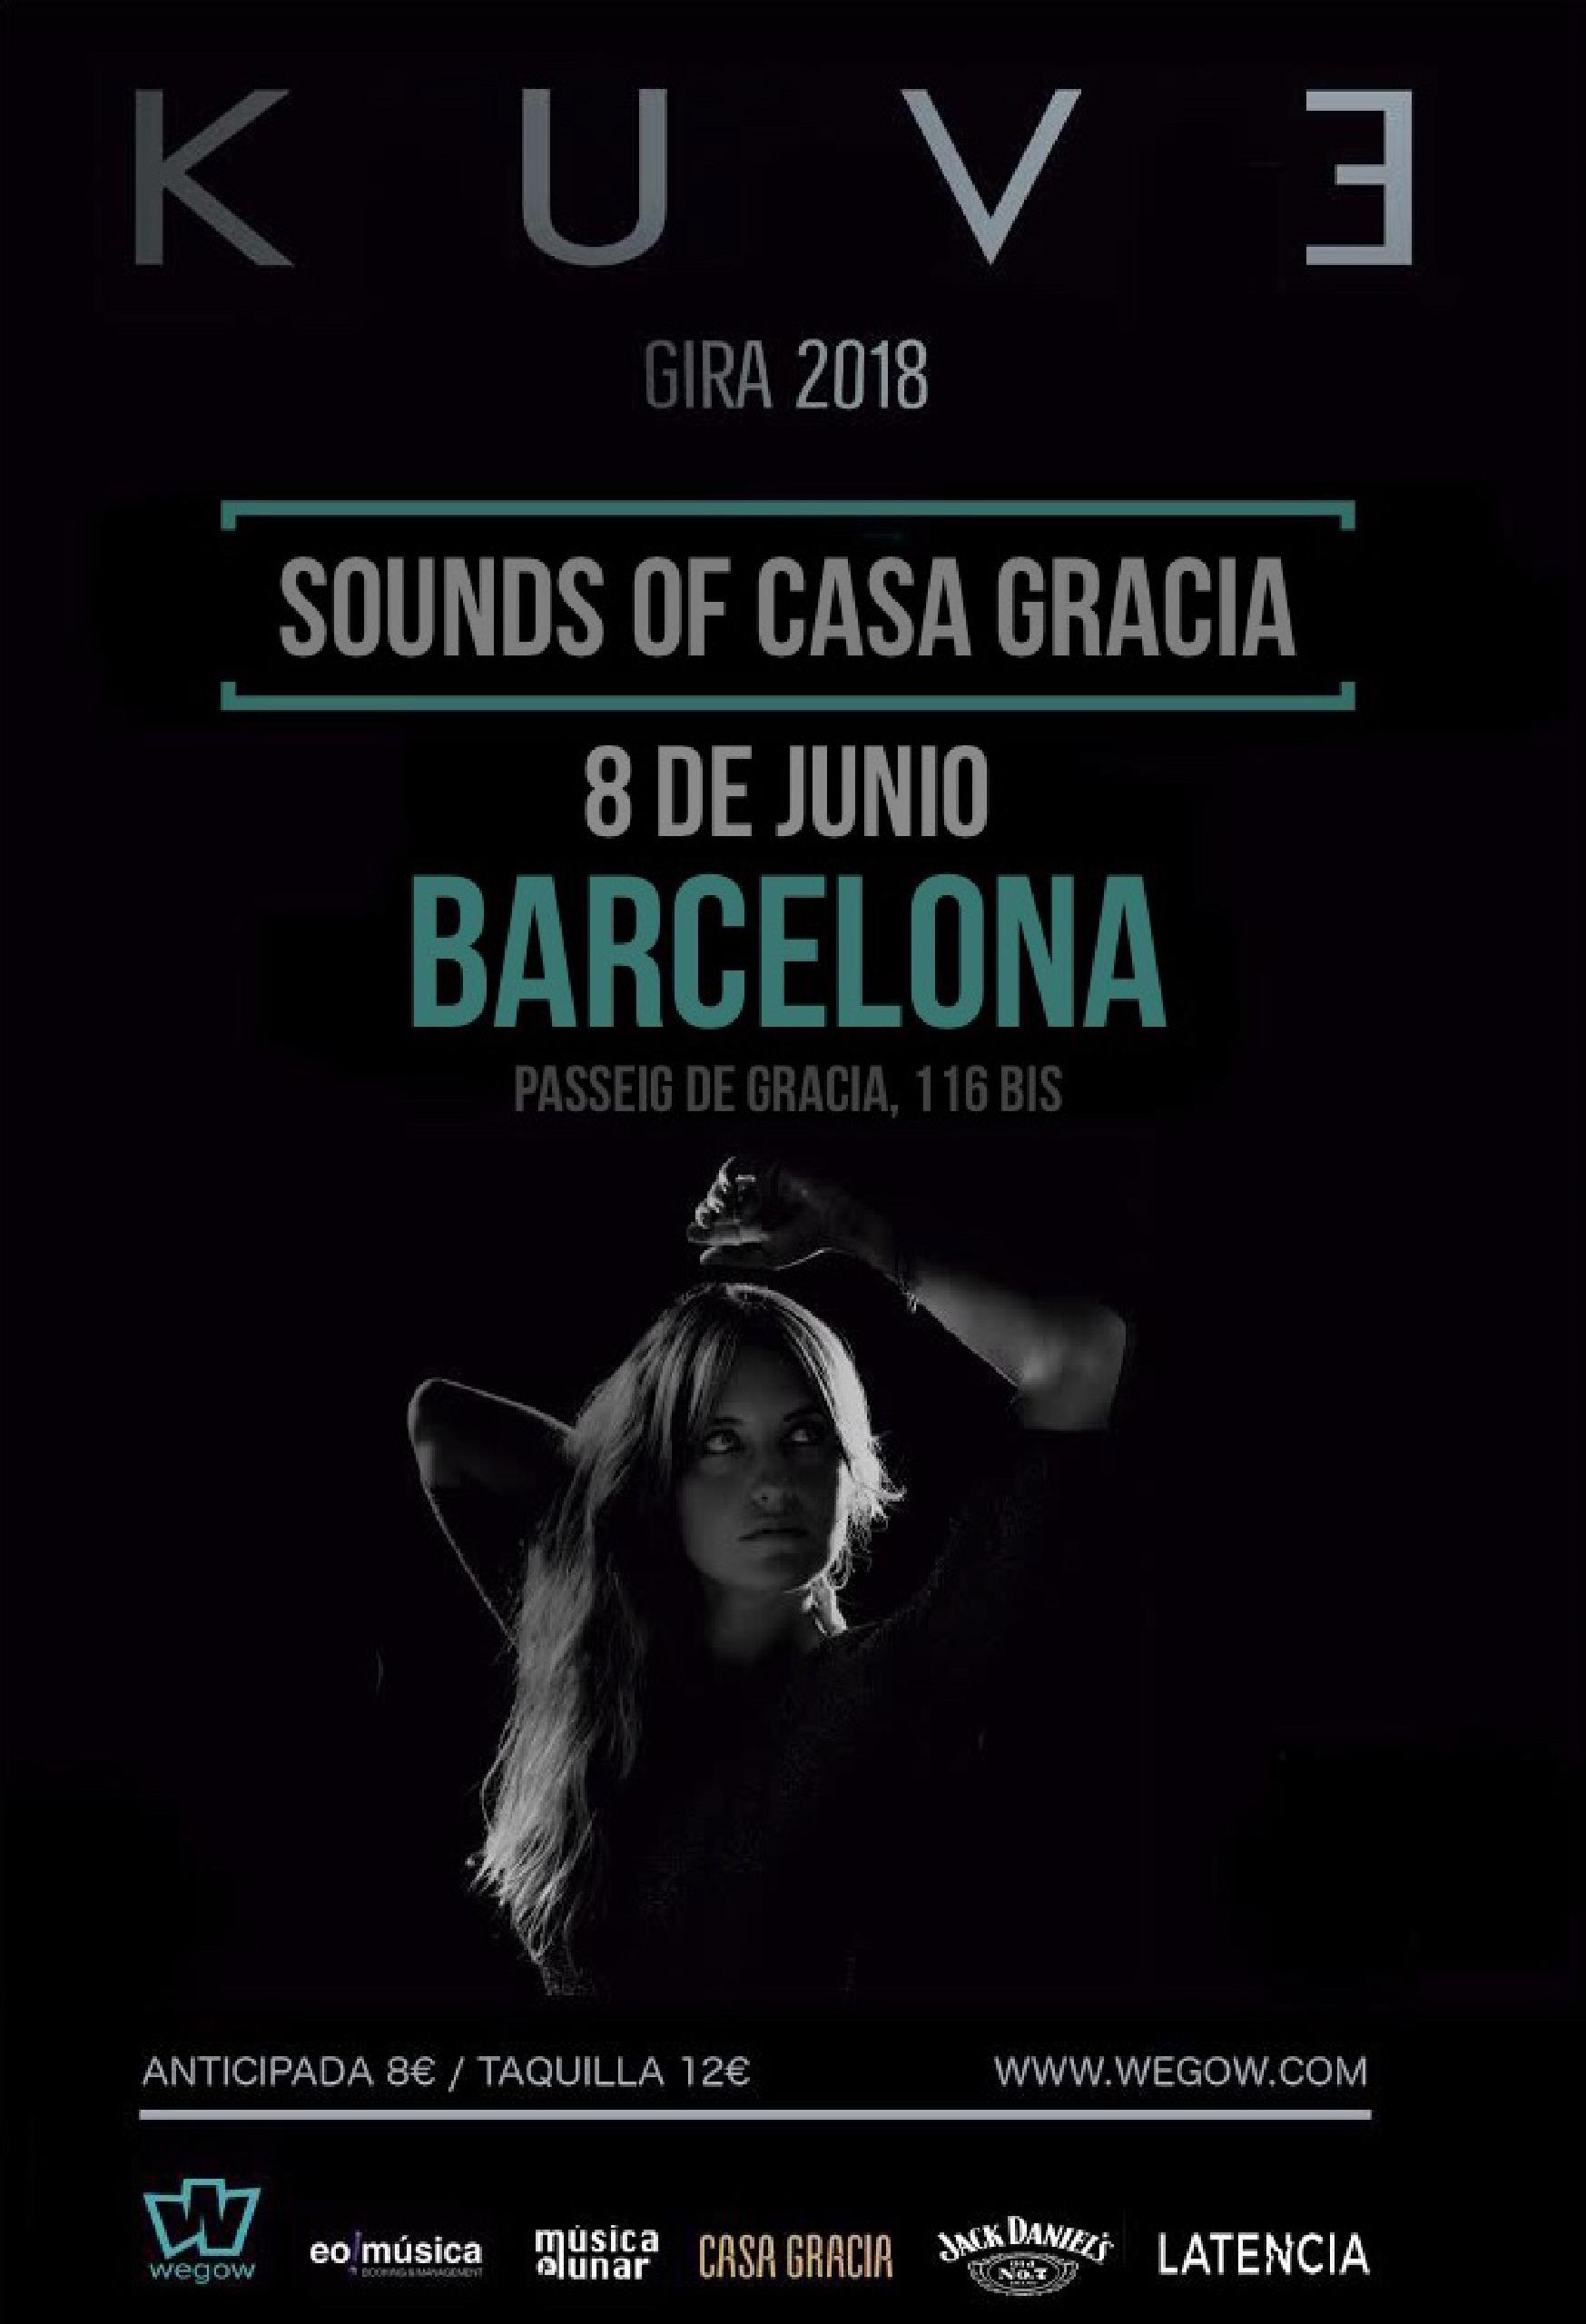 Concierto de Kuve en Barcelona